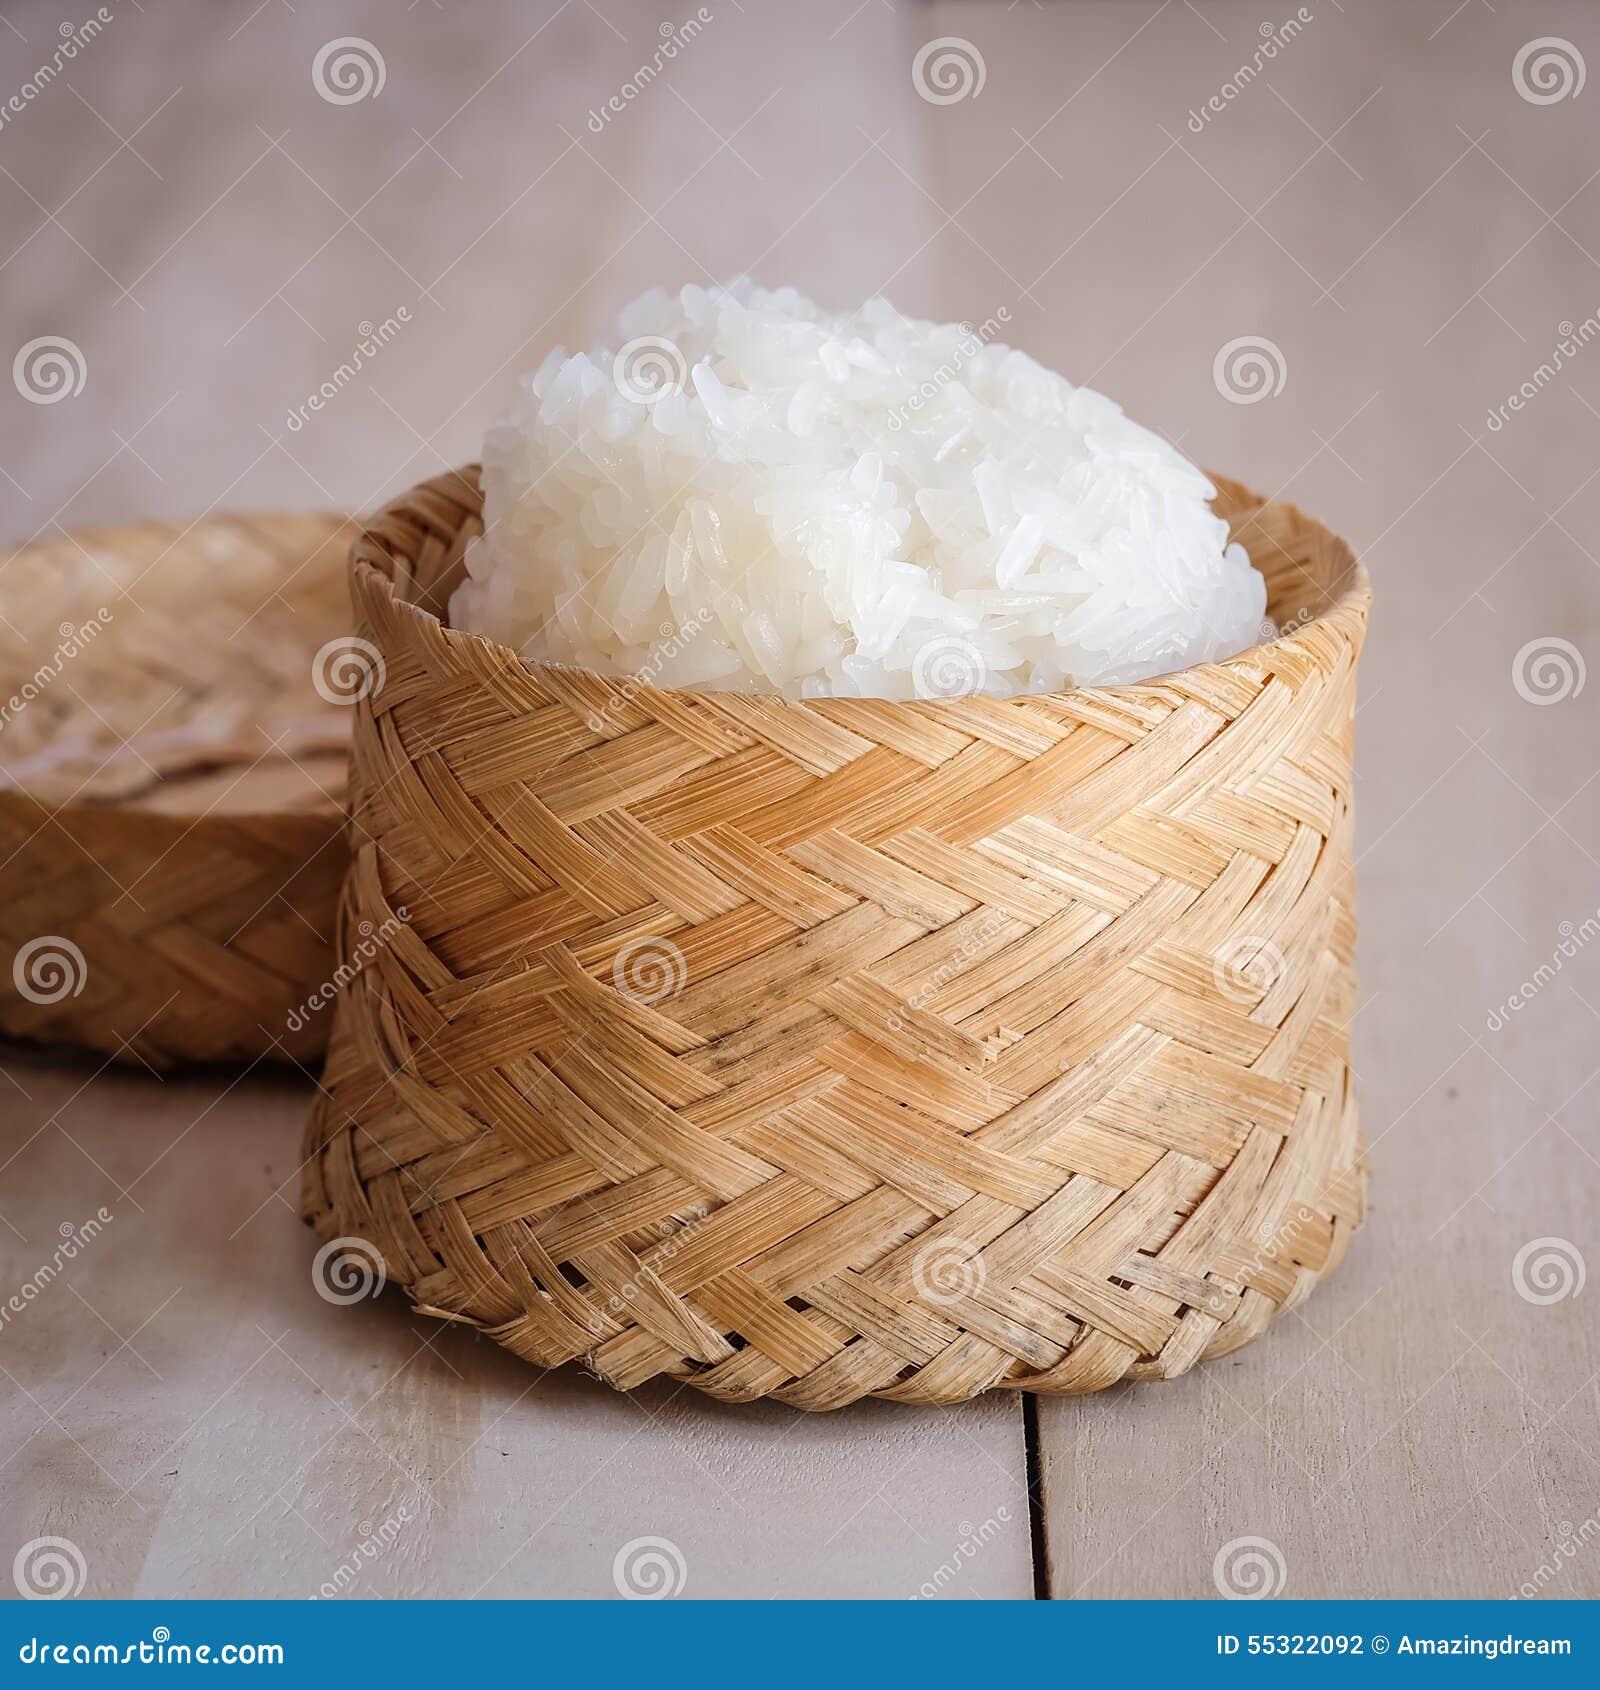 Arroz pegajoso, arroz pegajoso tailandês em uma caixa de madeira de bambu do estilo antigo